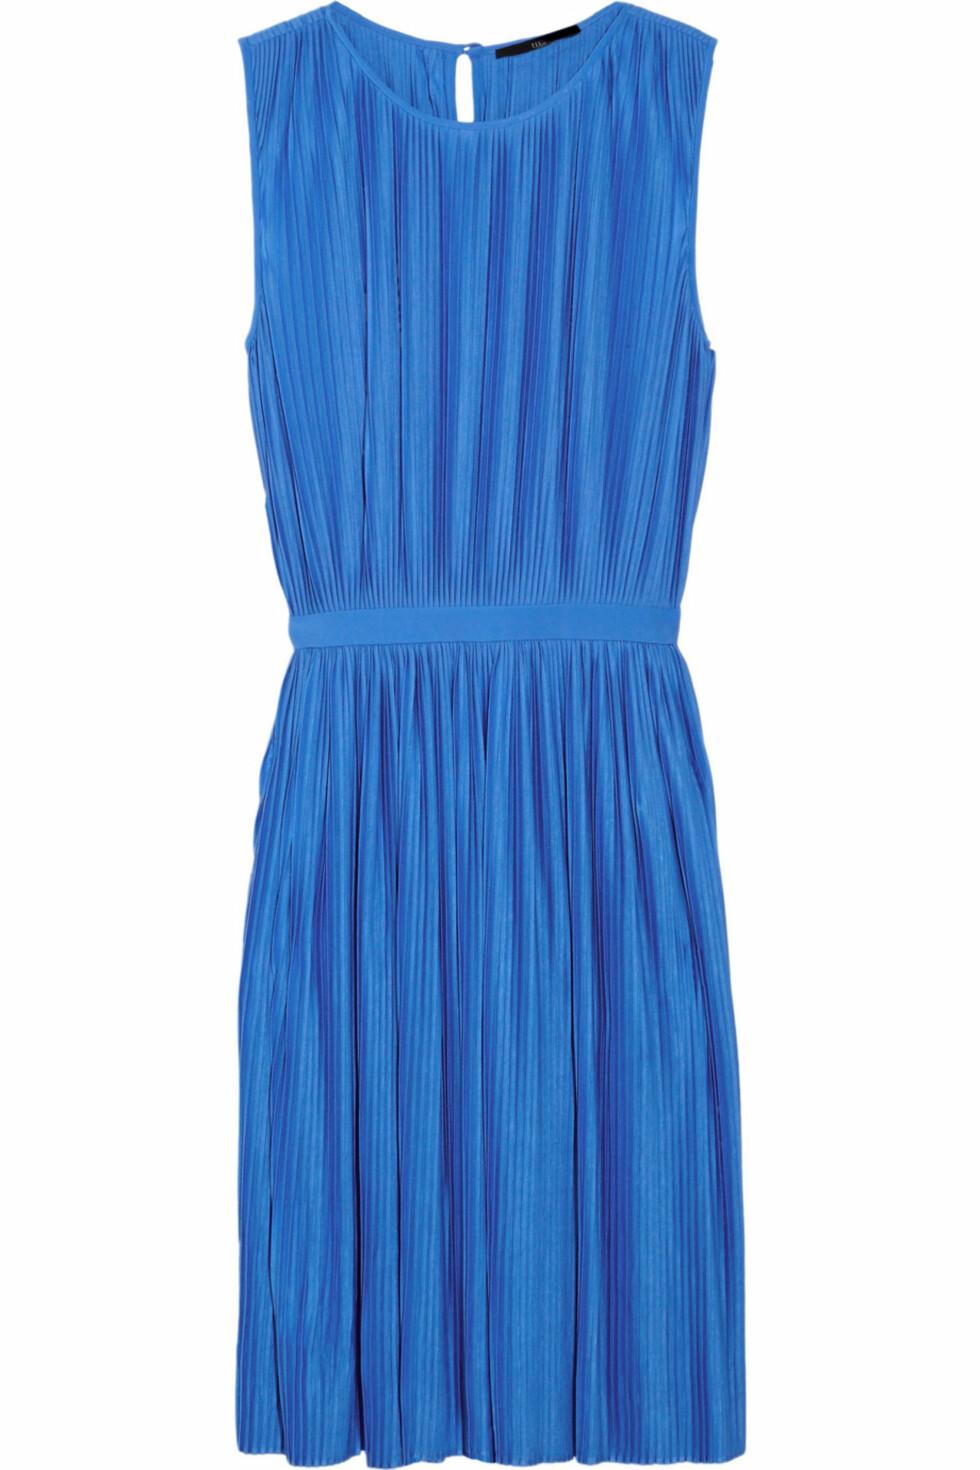 Kongeblå kjole fra Tibi (ca kr 2000/netaporter.com). Foto: Produsent